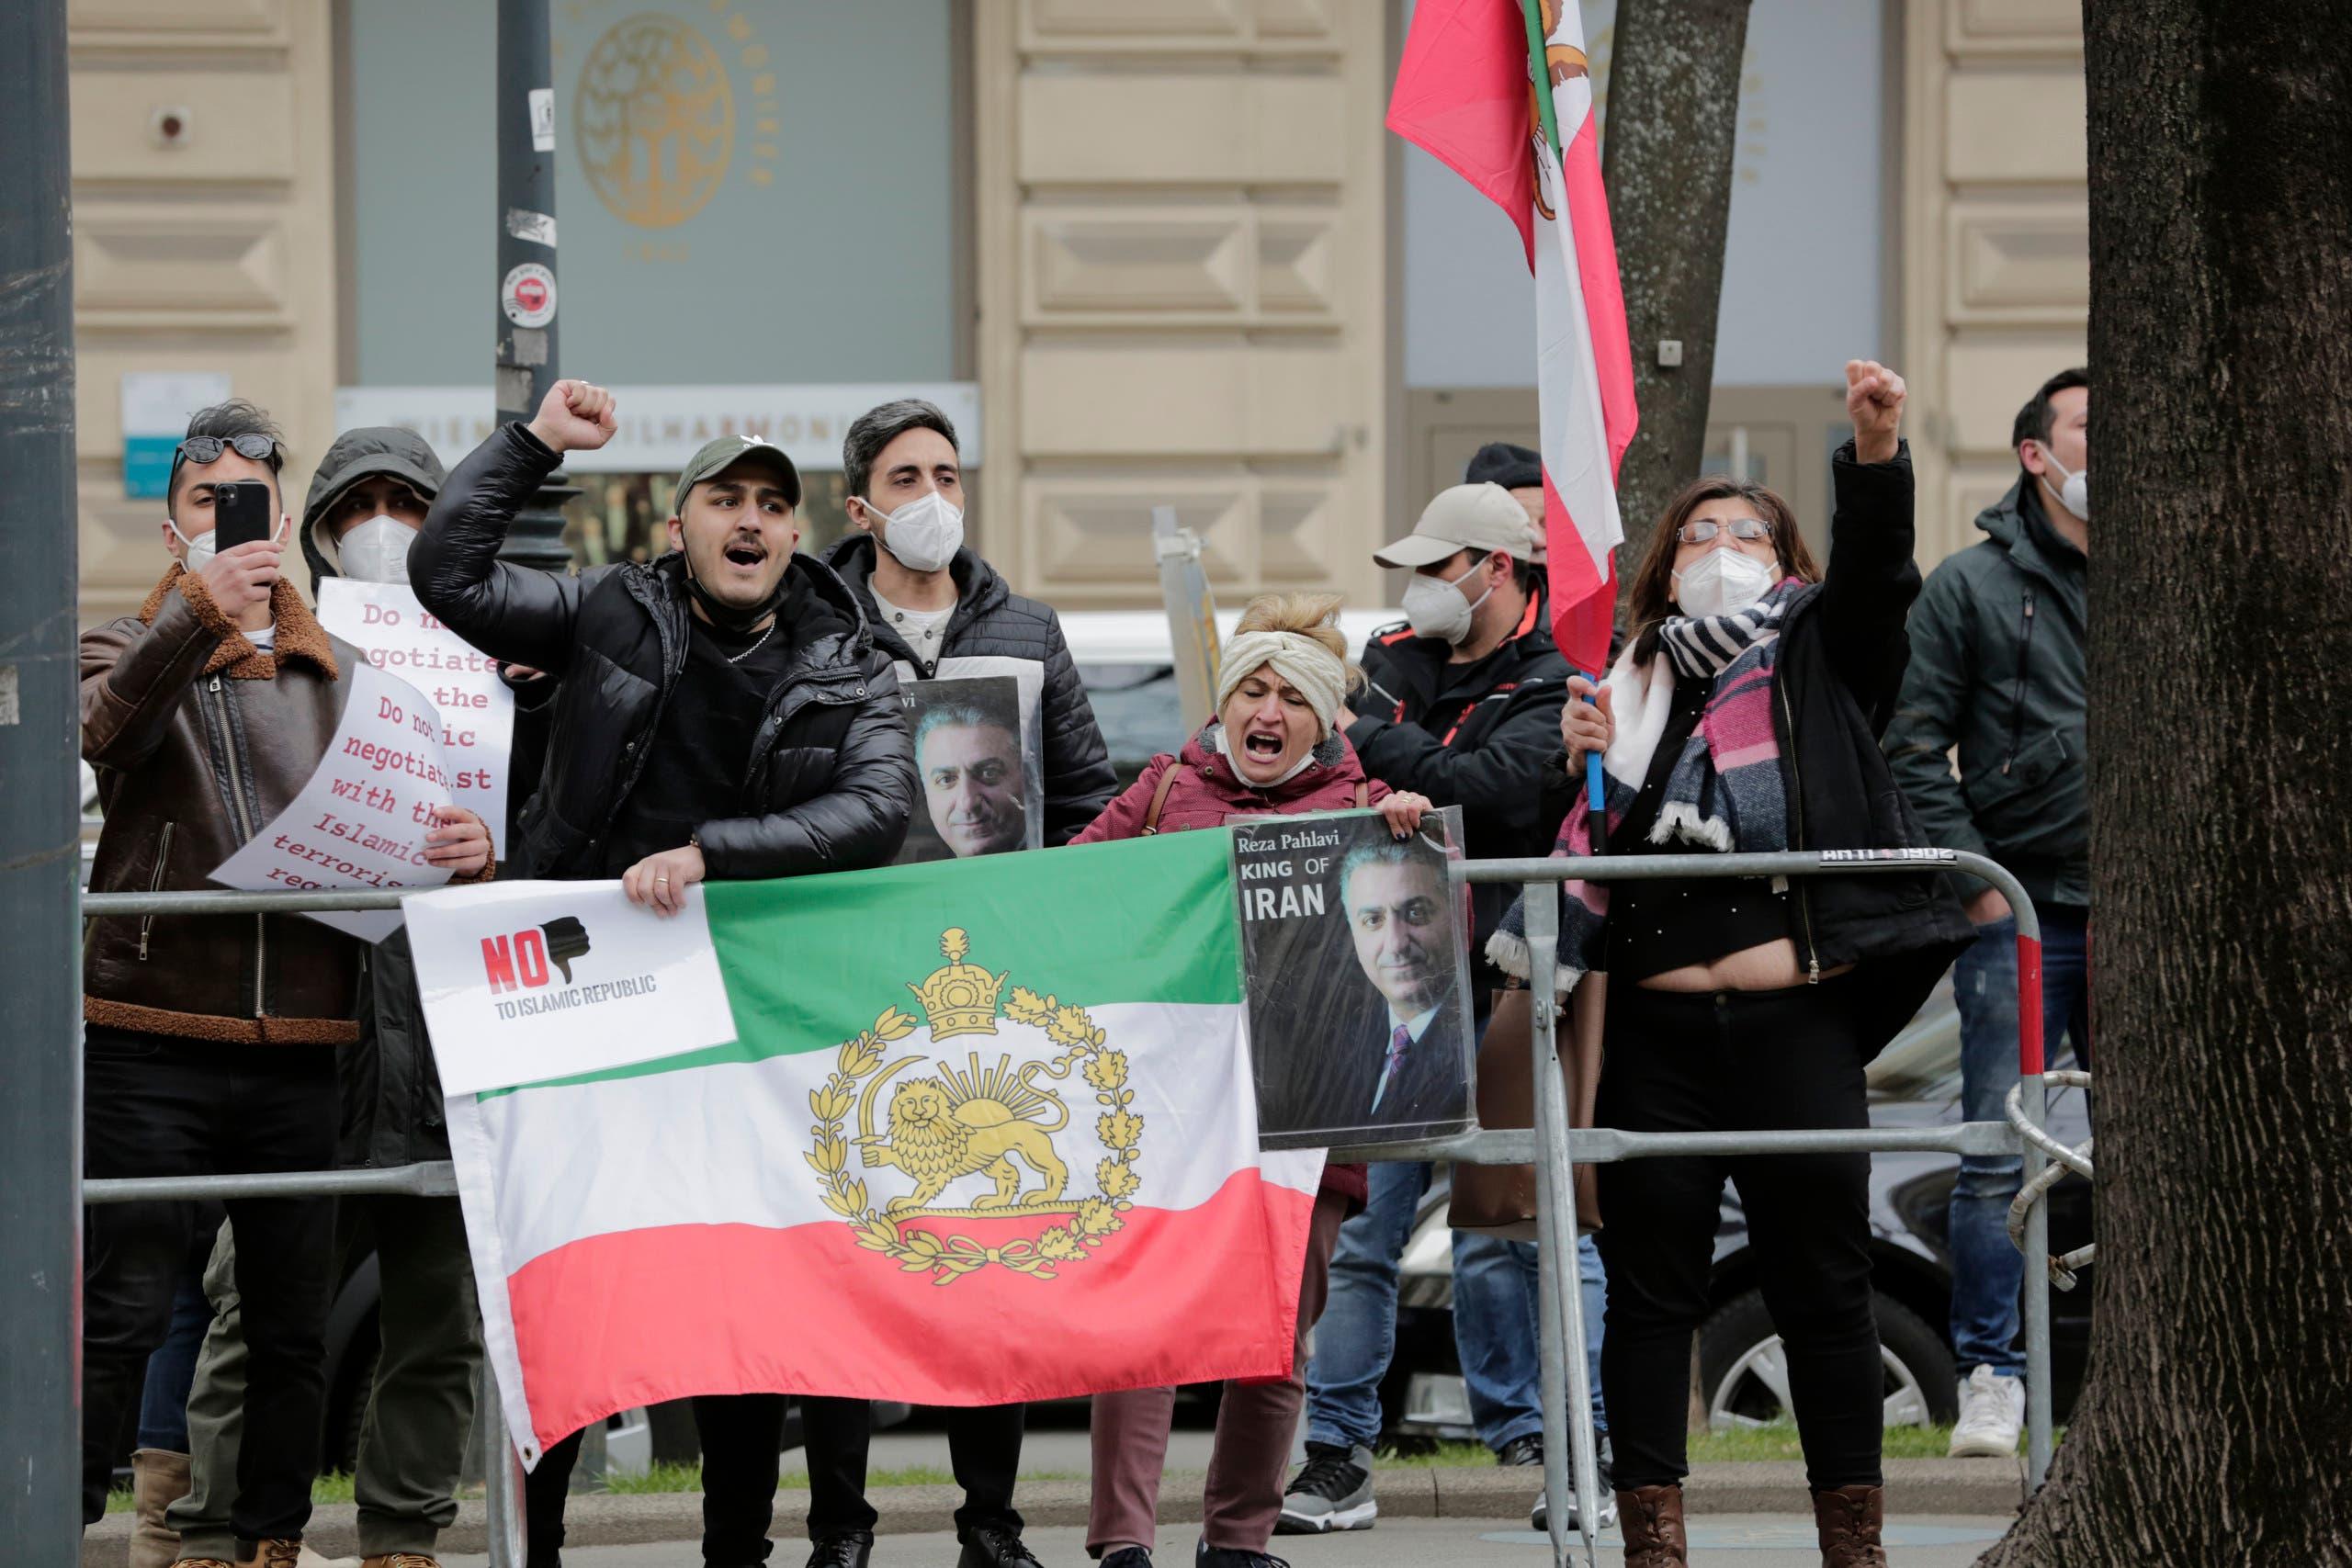 معارضون إيرانيون أمام مقر المفاوضات حول الاتفاق النووي الإيراني في فيينا (أرشيفية- أسوشييتد برس)